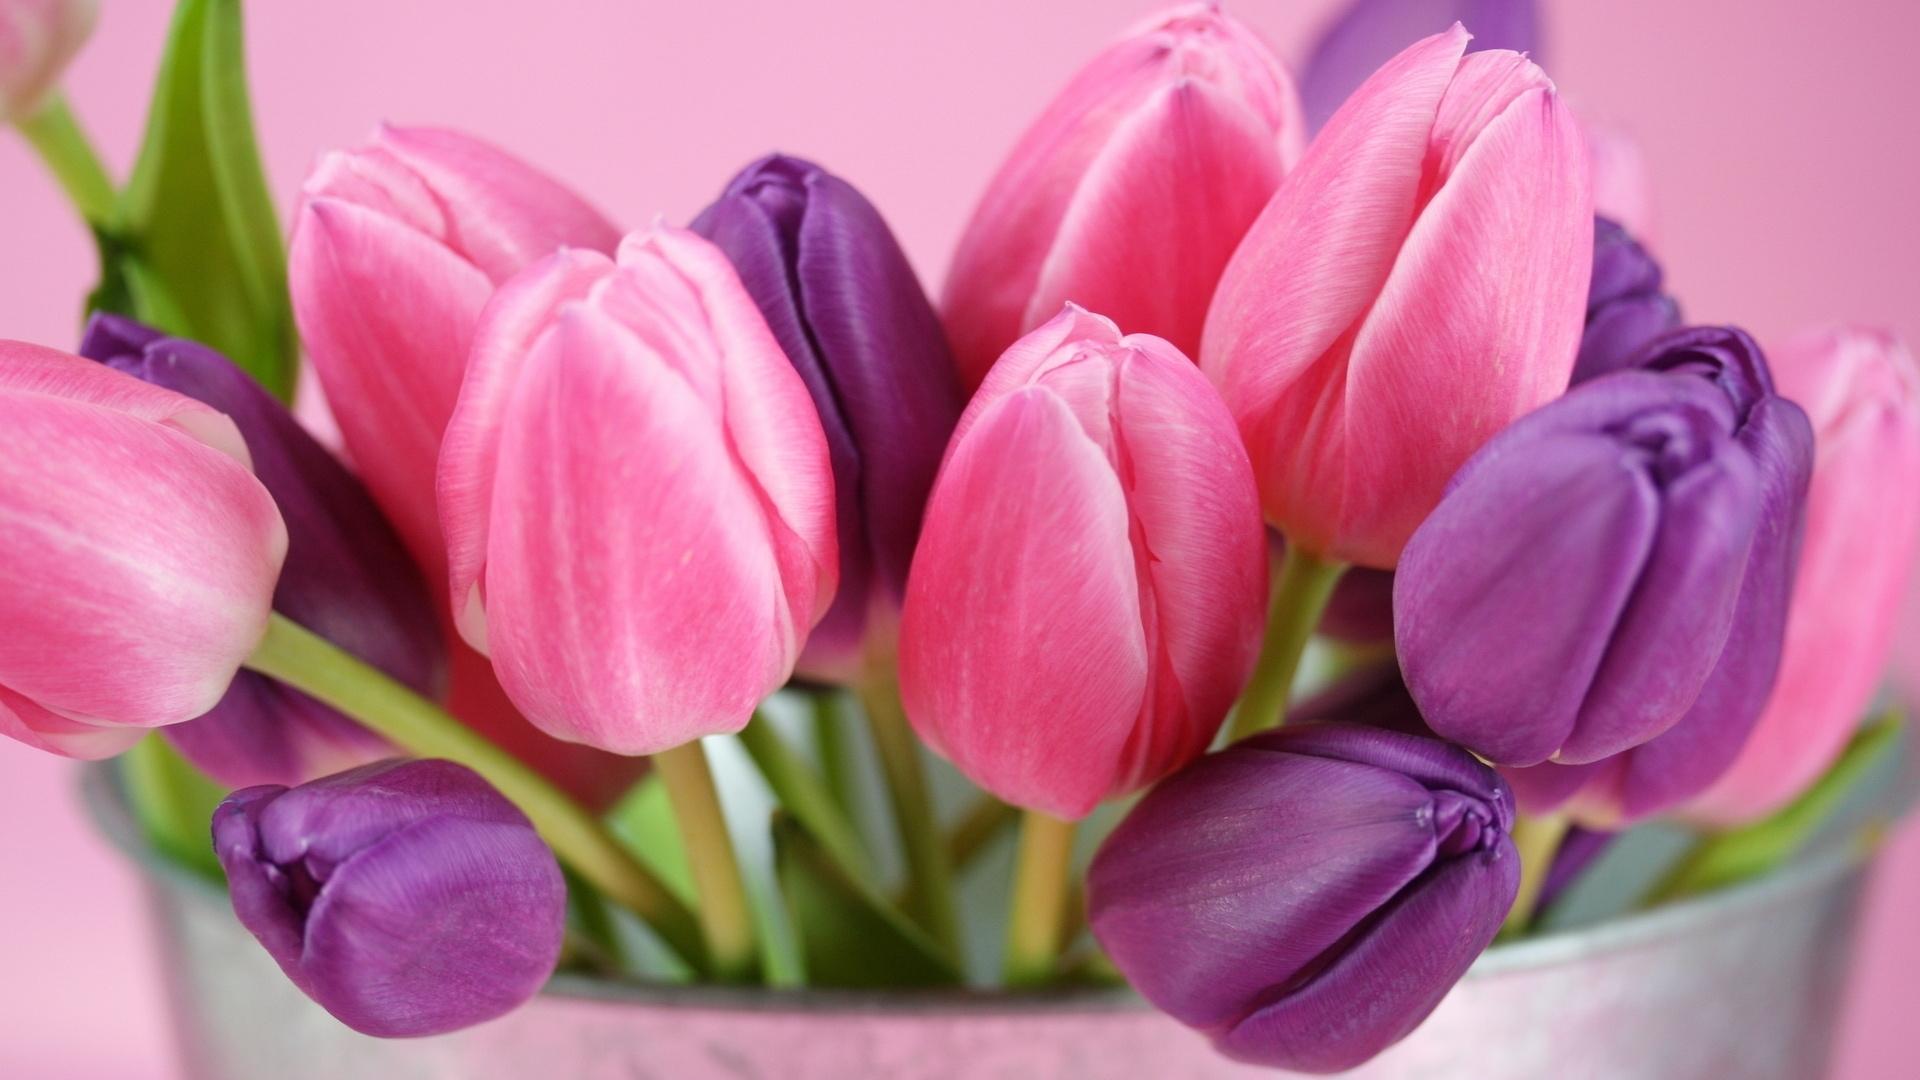 26297 скачать обои Растения, Цветы, Тюльпаны, Букеты - заставки и картинки бесплатно